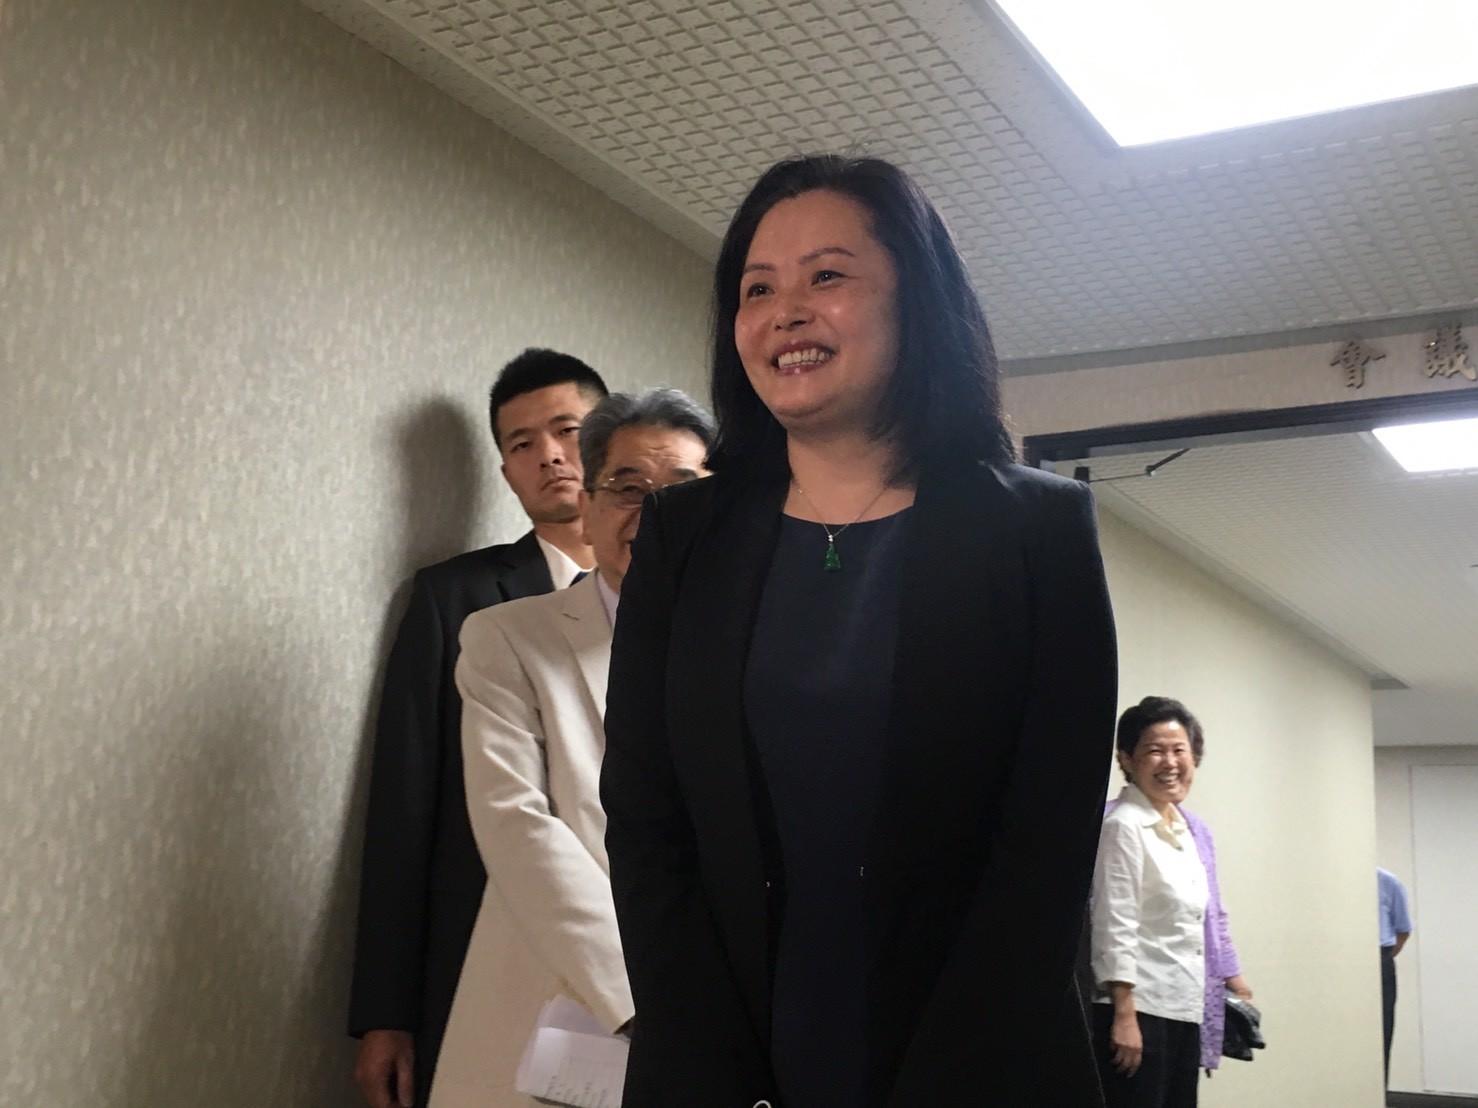 ▲長庚醫院新任董事長確定由王瑞慧接任。(圖/記者葉佳華攝)